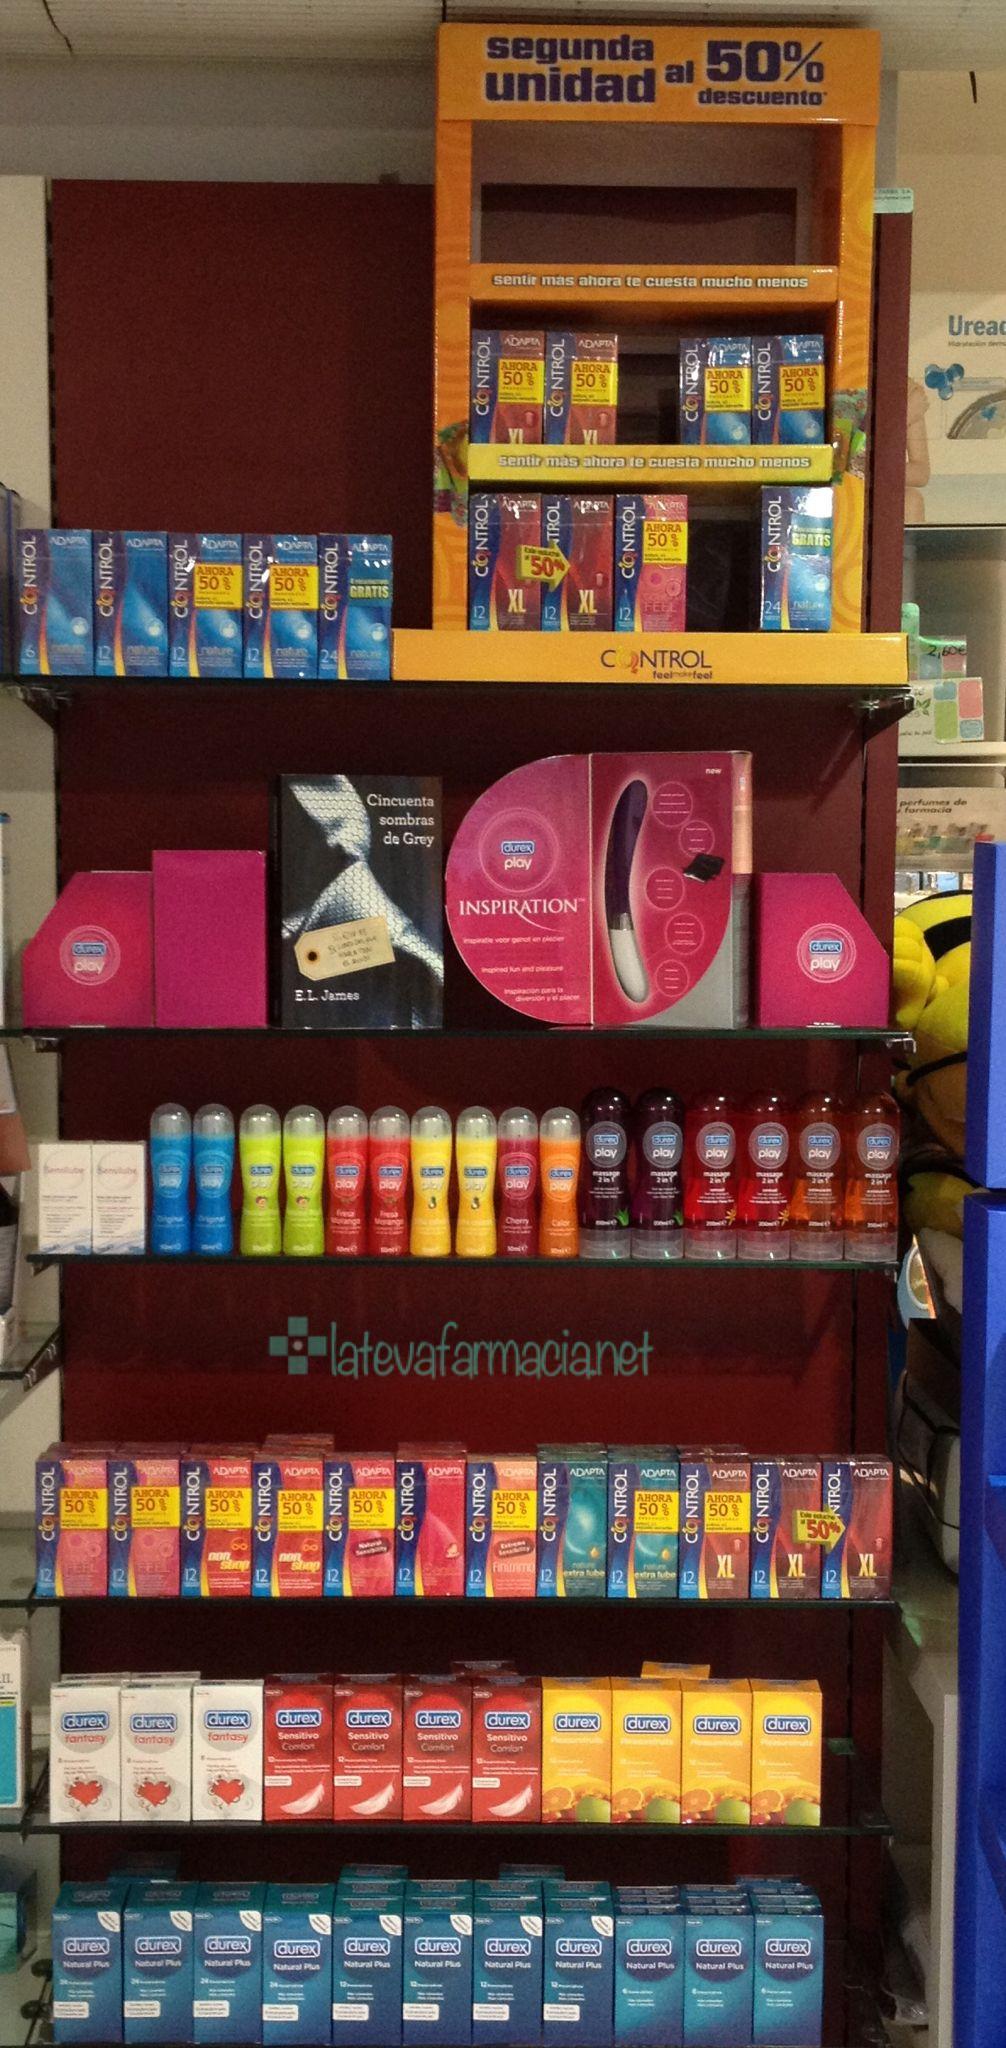 2012 escaparate 50 sobras Preservativos @latevafarmacia